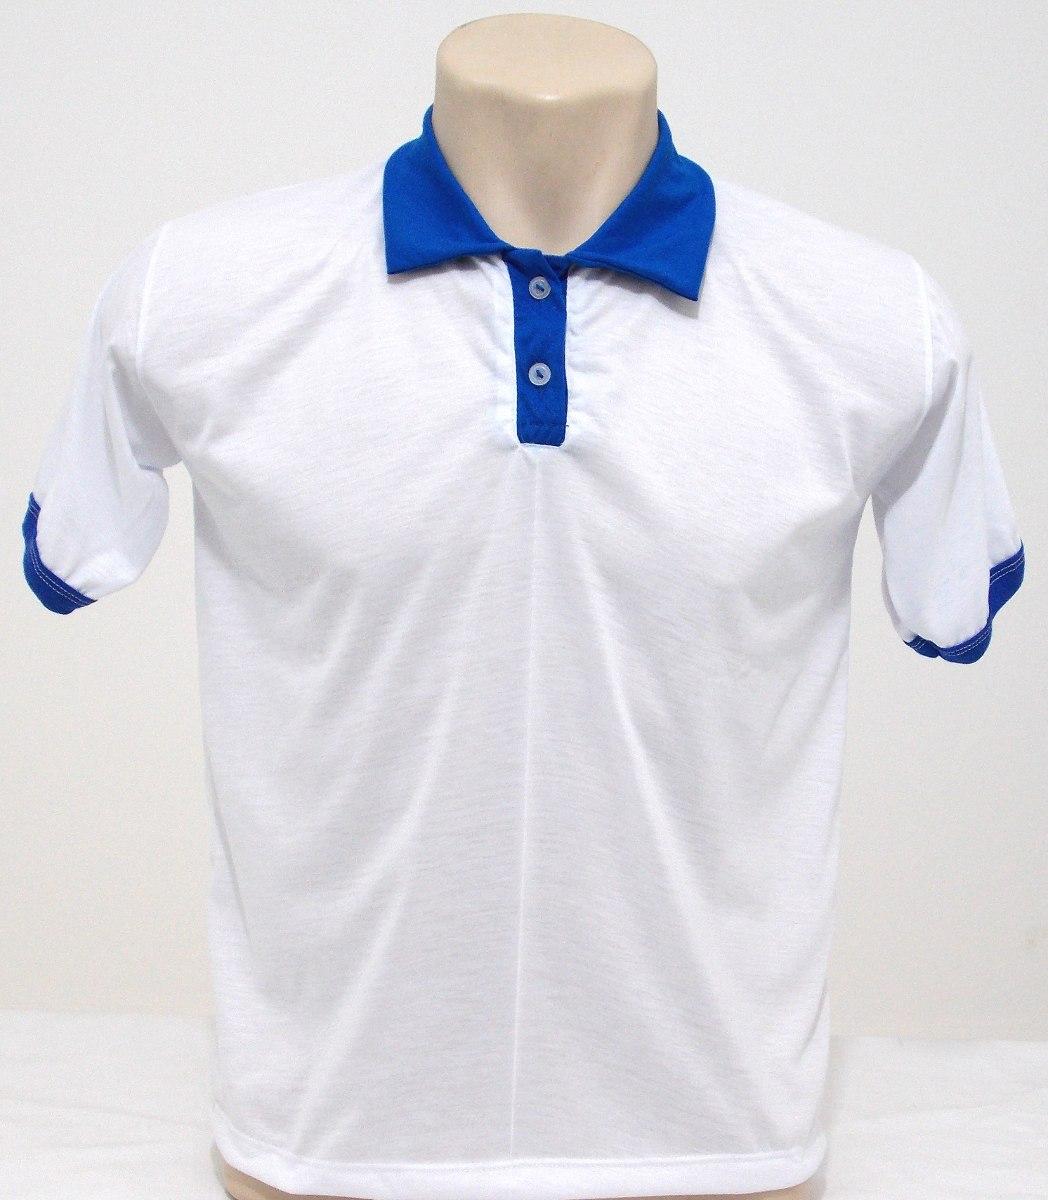 Kit 3 Camisas Polo Branca Para Sublimação - Masc fem! - R  65 eb706fd3b1a21